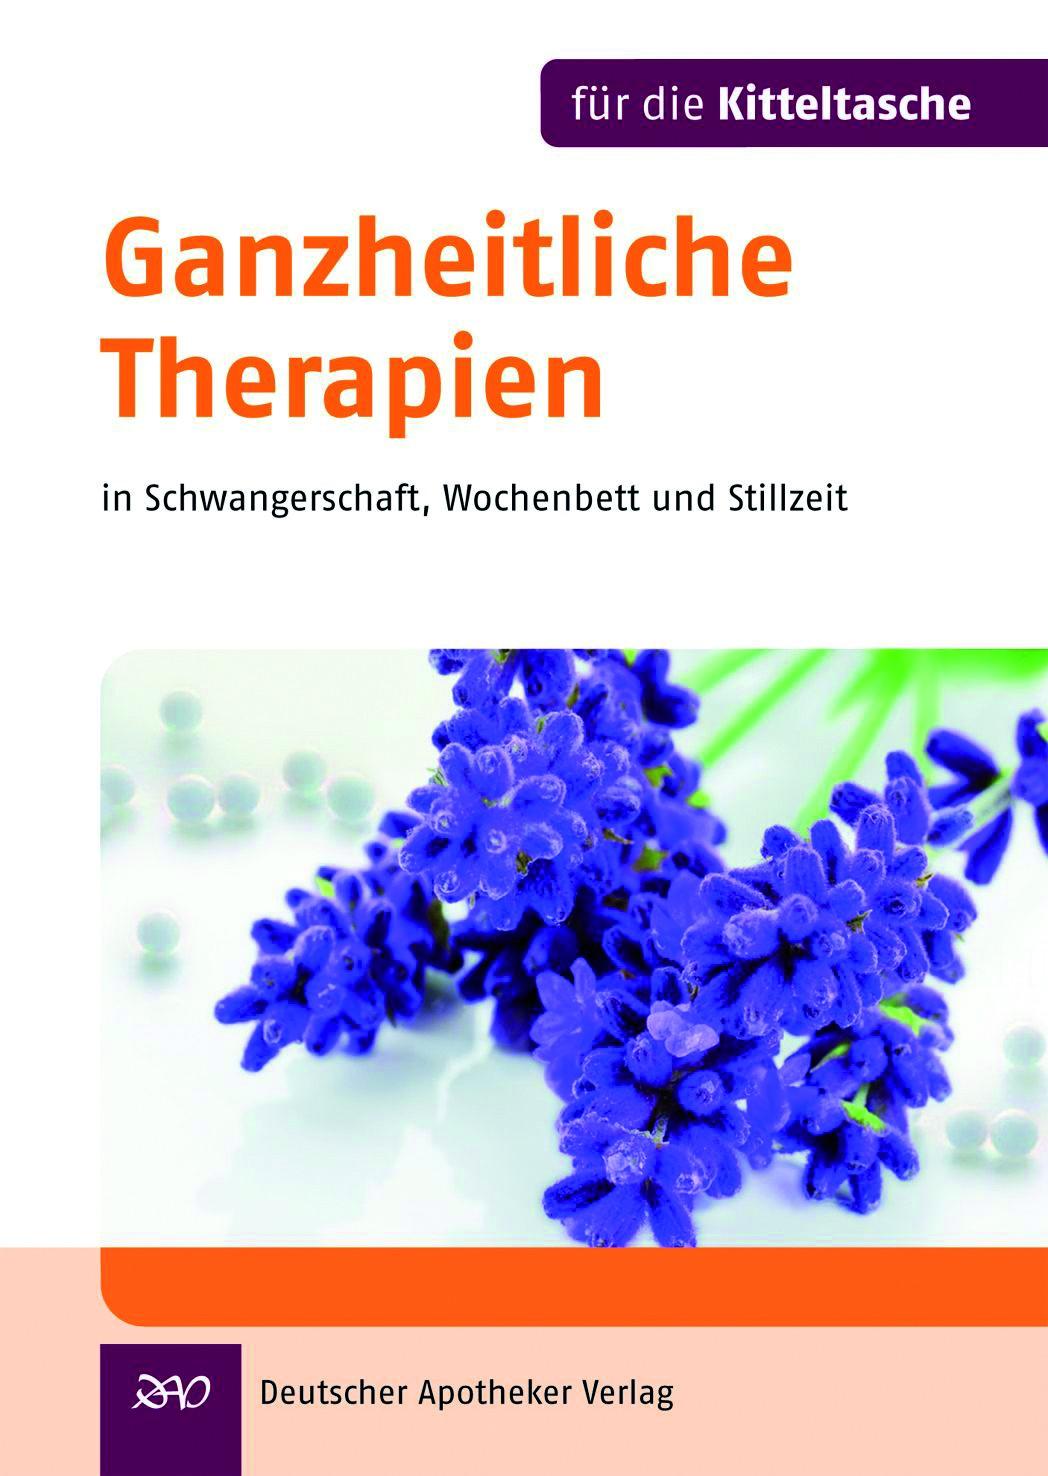 Ganzheitliche Therapien Ingeborg Stadelmann & Dietmar Wolz